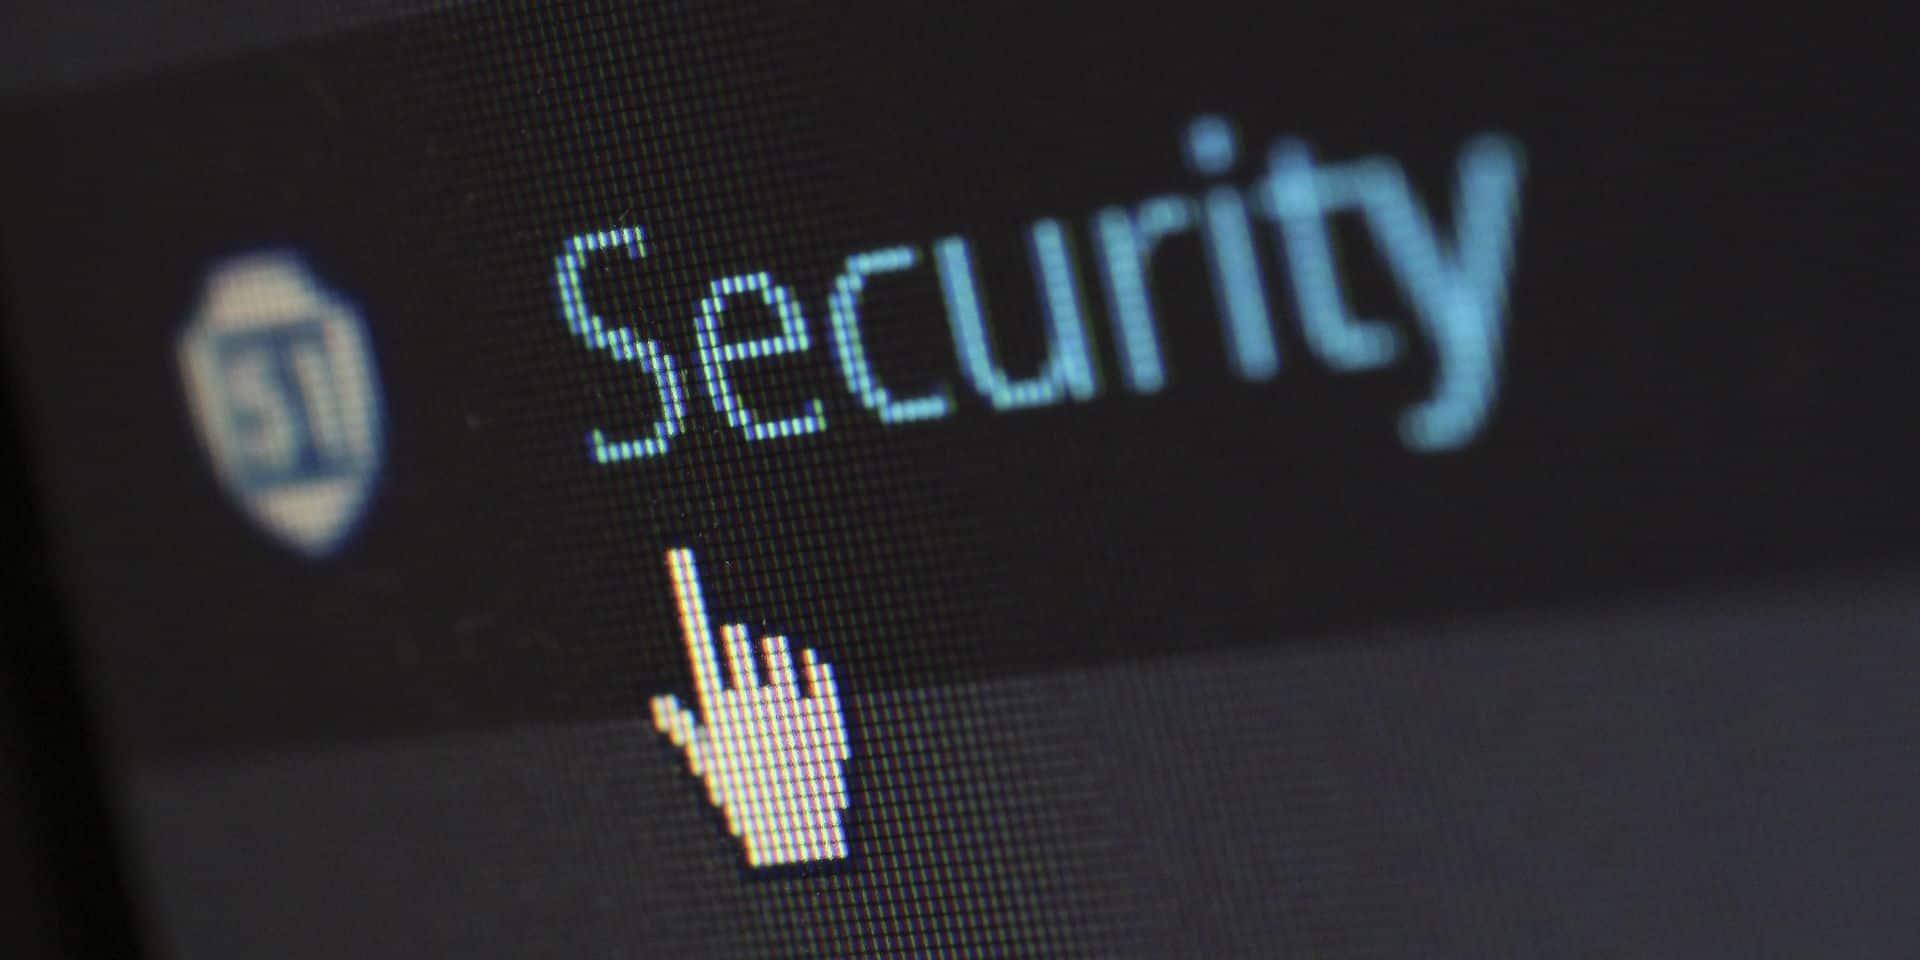 La FSMA met en garde contre un site qui a usurpé l'identité du Groupe Bruxelles Lambert